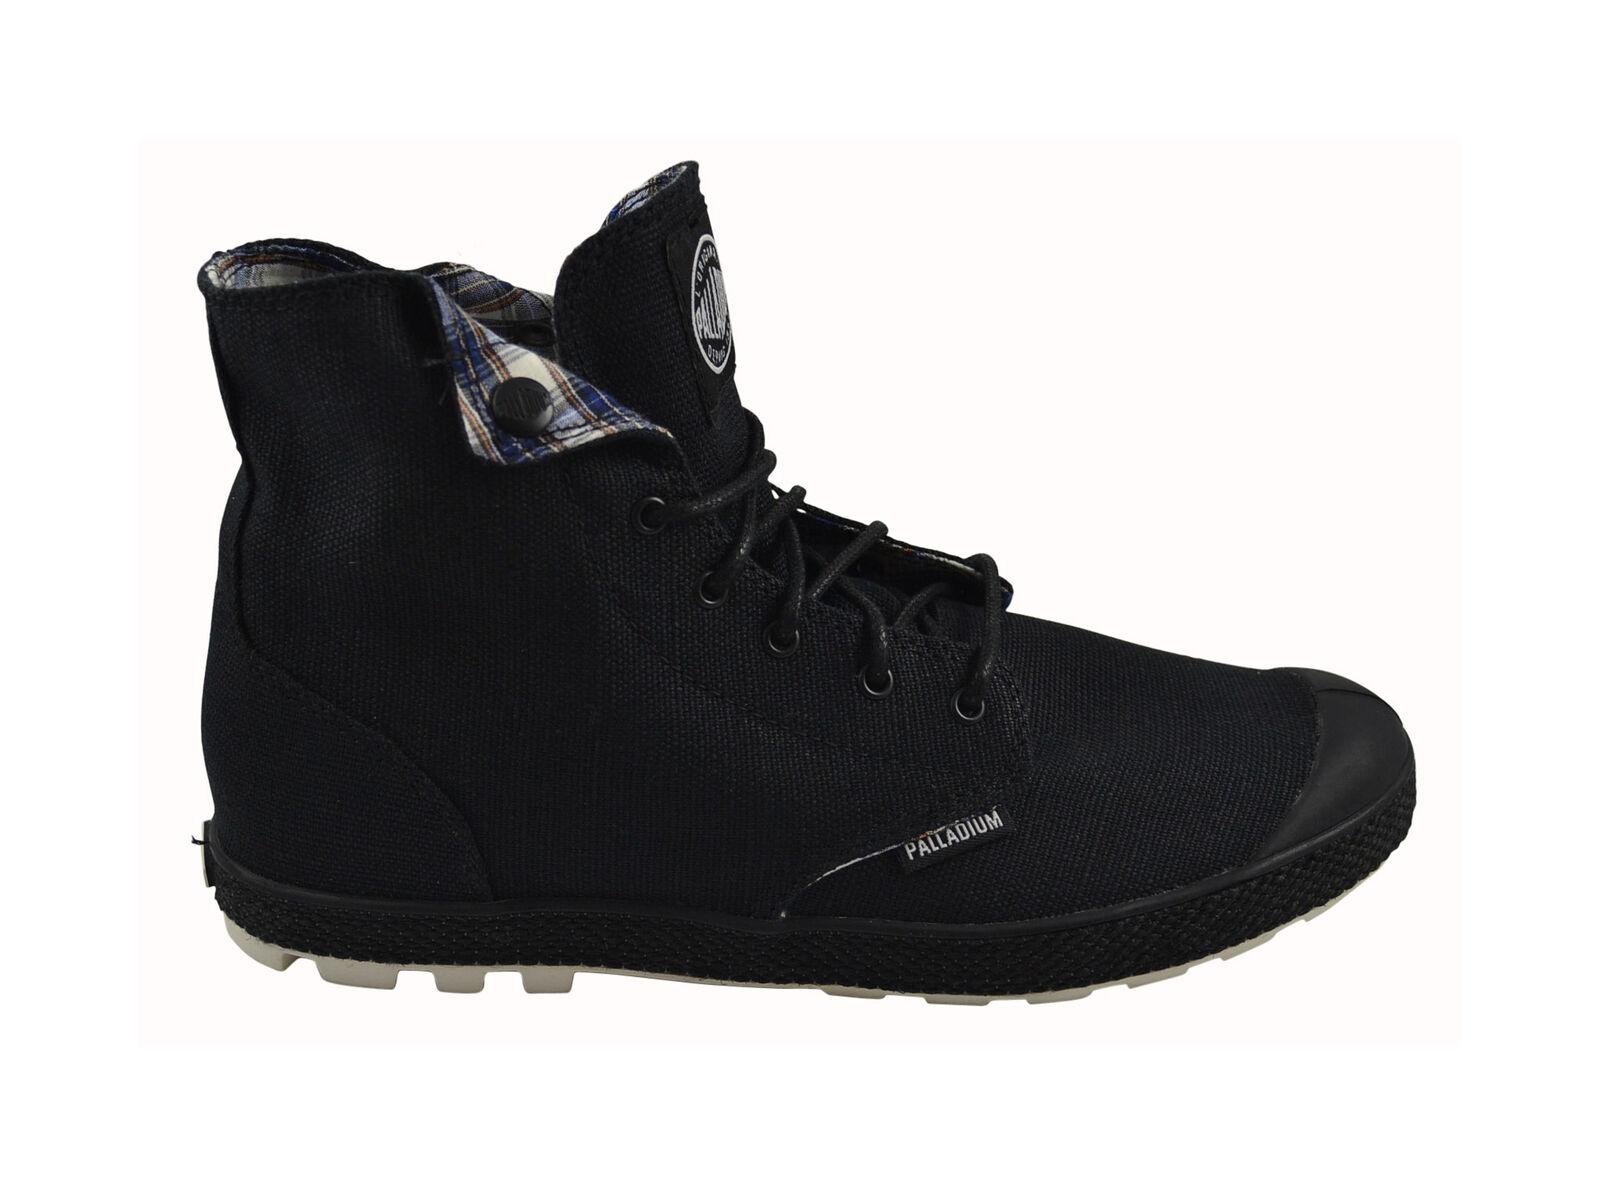 Palladium Slim Snaps schwarz off Weiß Schuhe Turnschuhe schwarz Größenauswahl